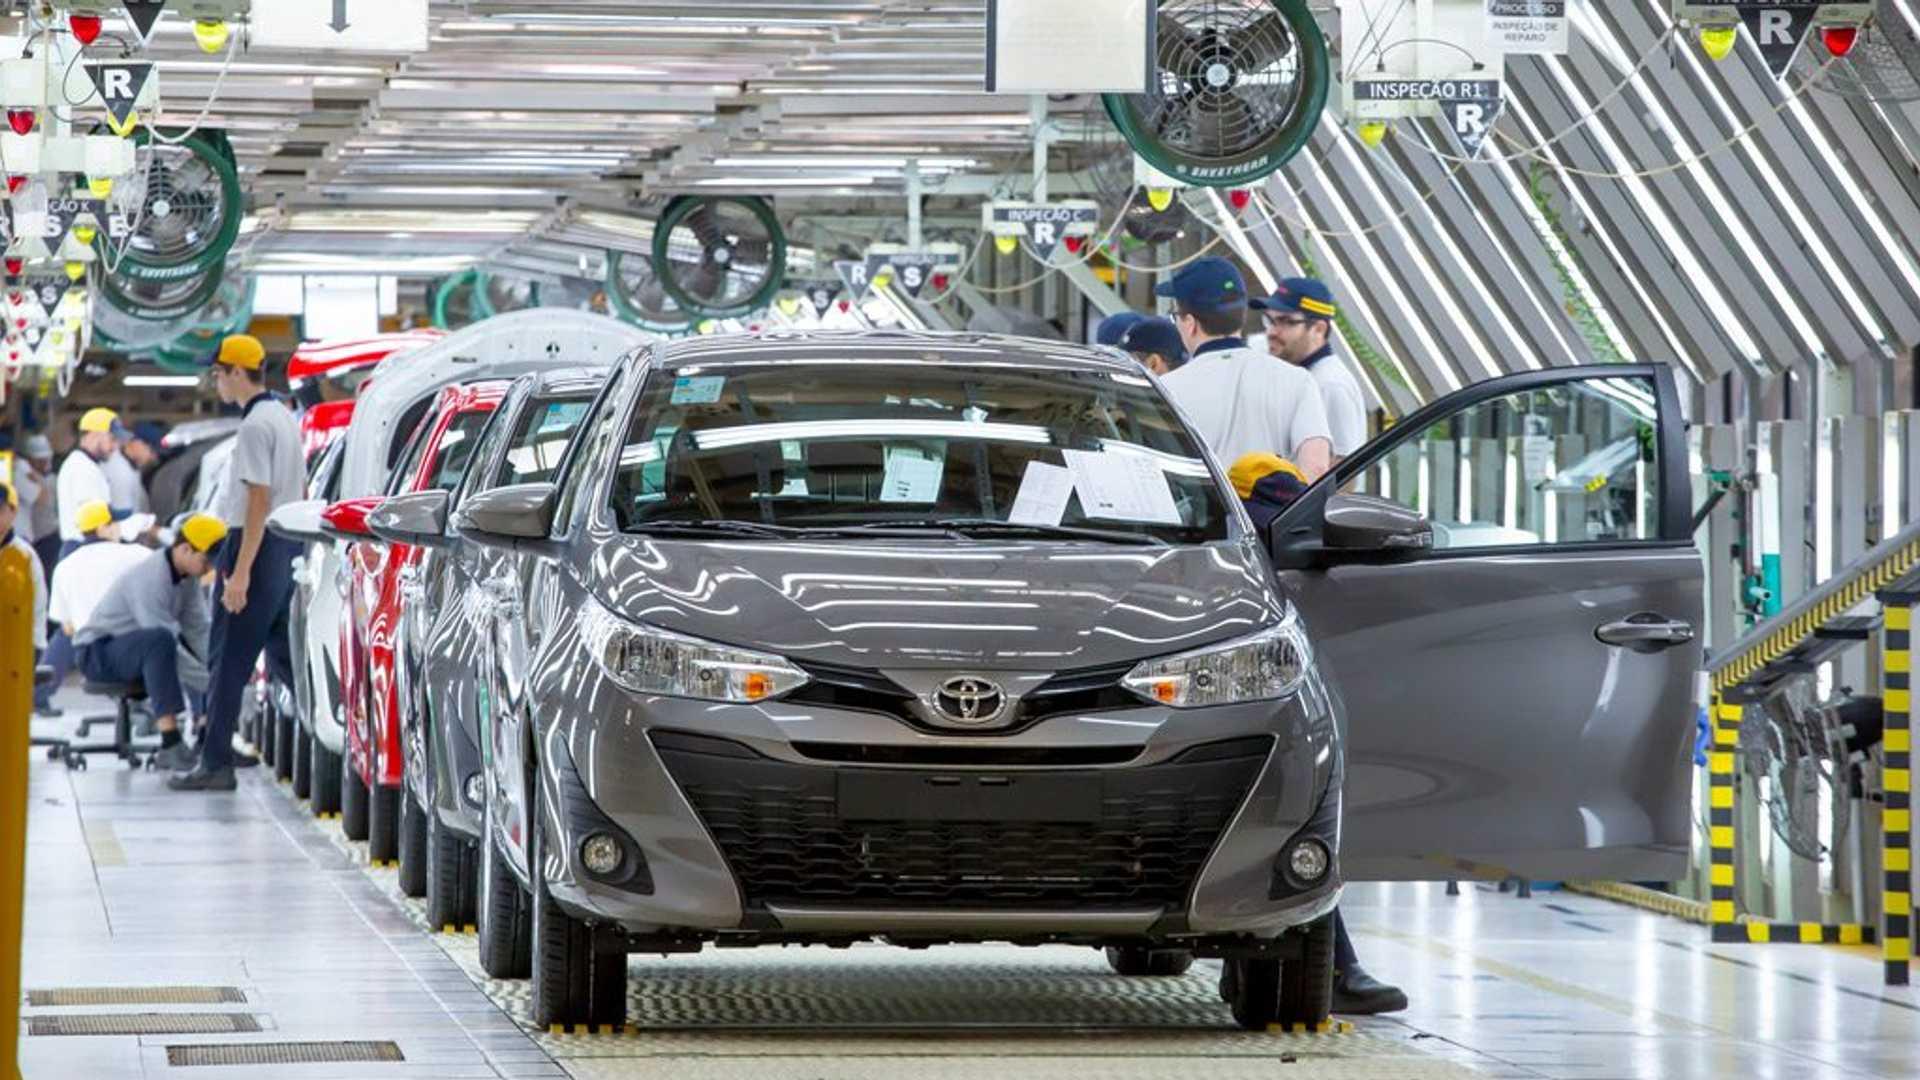 Boa notícia: montadoras, como Volkswagen e Toyota, reabrem suas fábricas no Brasil